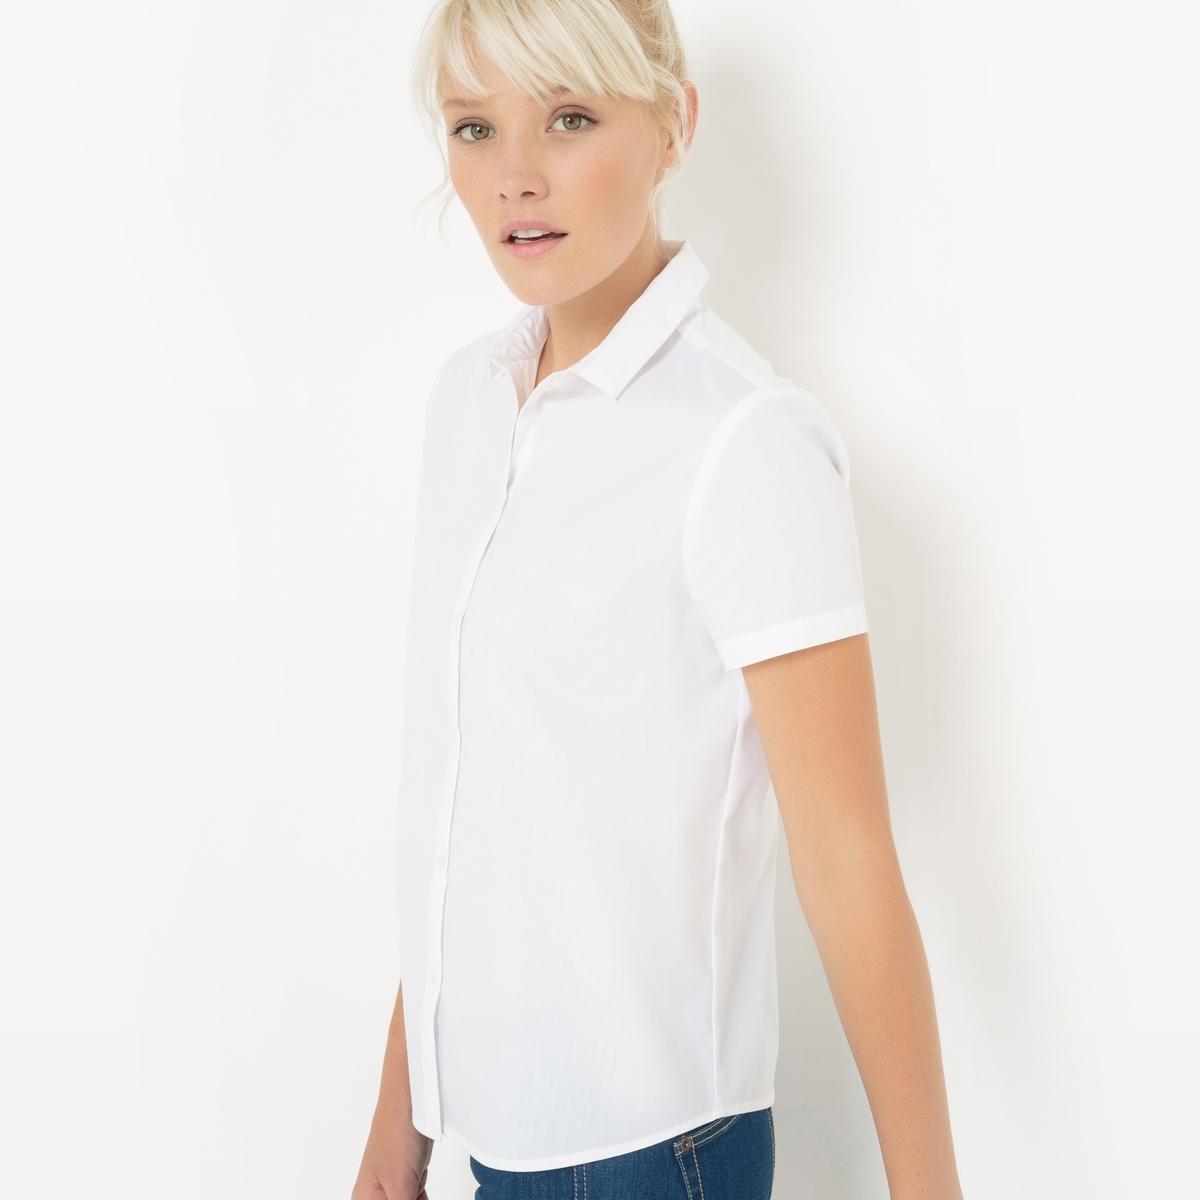 Рубашка из поплина с короткими рукавамиРубашка из поплина . Короткие рукава. Небольшой рубашечный воротник. Застежка на пуговицы. Слегка приталенный покрой. Слегка закругленный низ.  Состав и описаниеМатериалы : 69% хлопка, 28% полиамида,  3% эластанаДлина : 65 смМарка :      R ?ditionУходМашинная стирка при 30 °C Стирать с вещами схожих цветов Гладить при низкой температуре.<br><br>Цвет: белый,небесно-голубой,черный